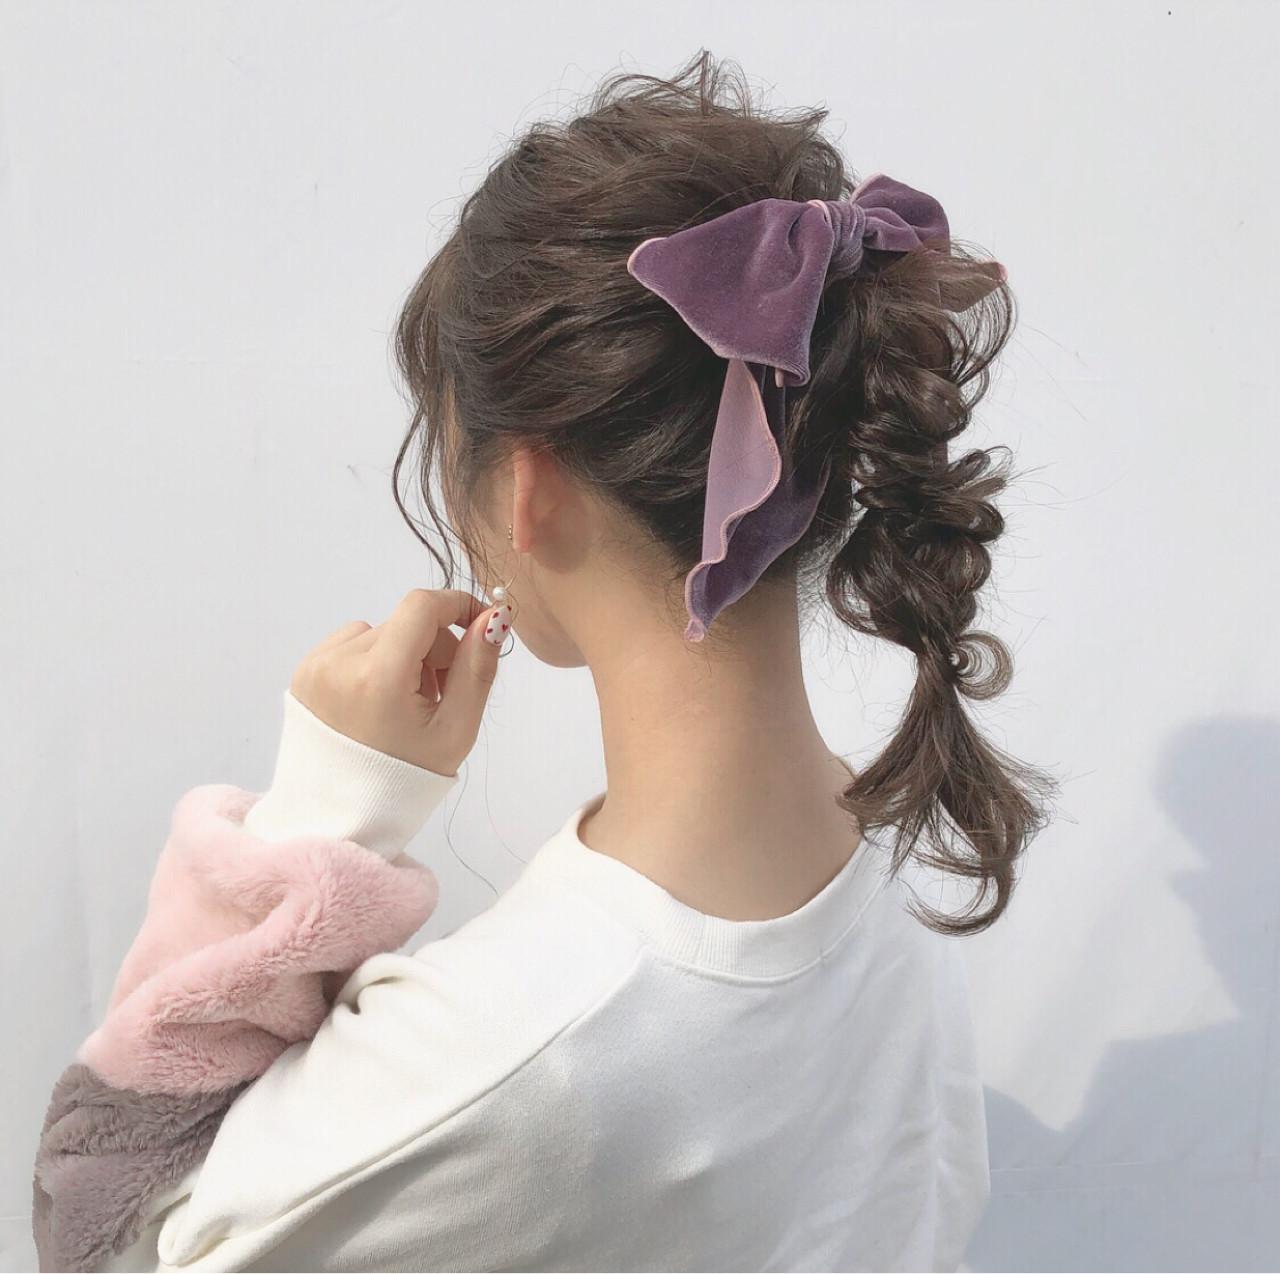 高めにつくる☆毛先三つ編みアレンジ hii.de@✂︎